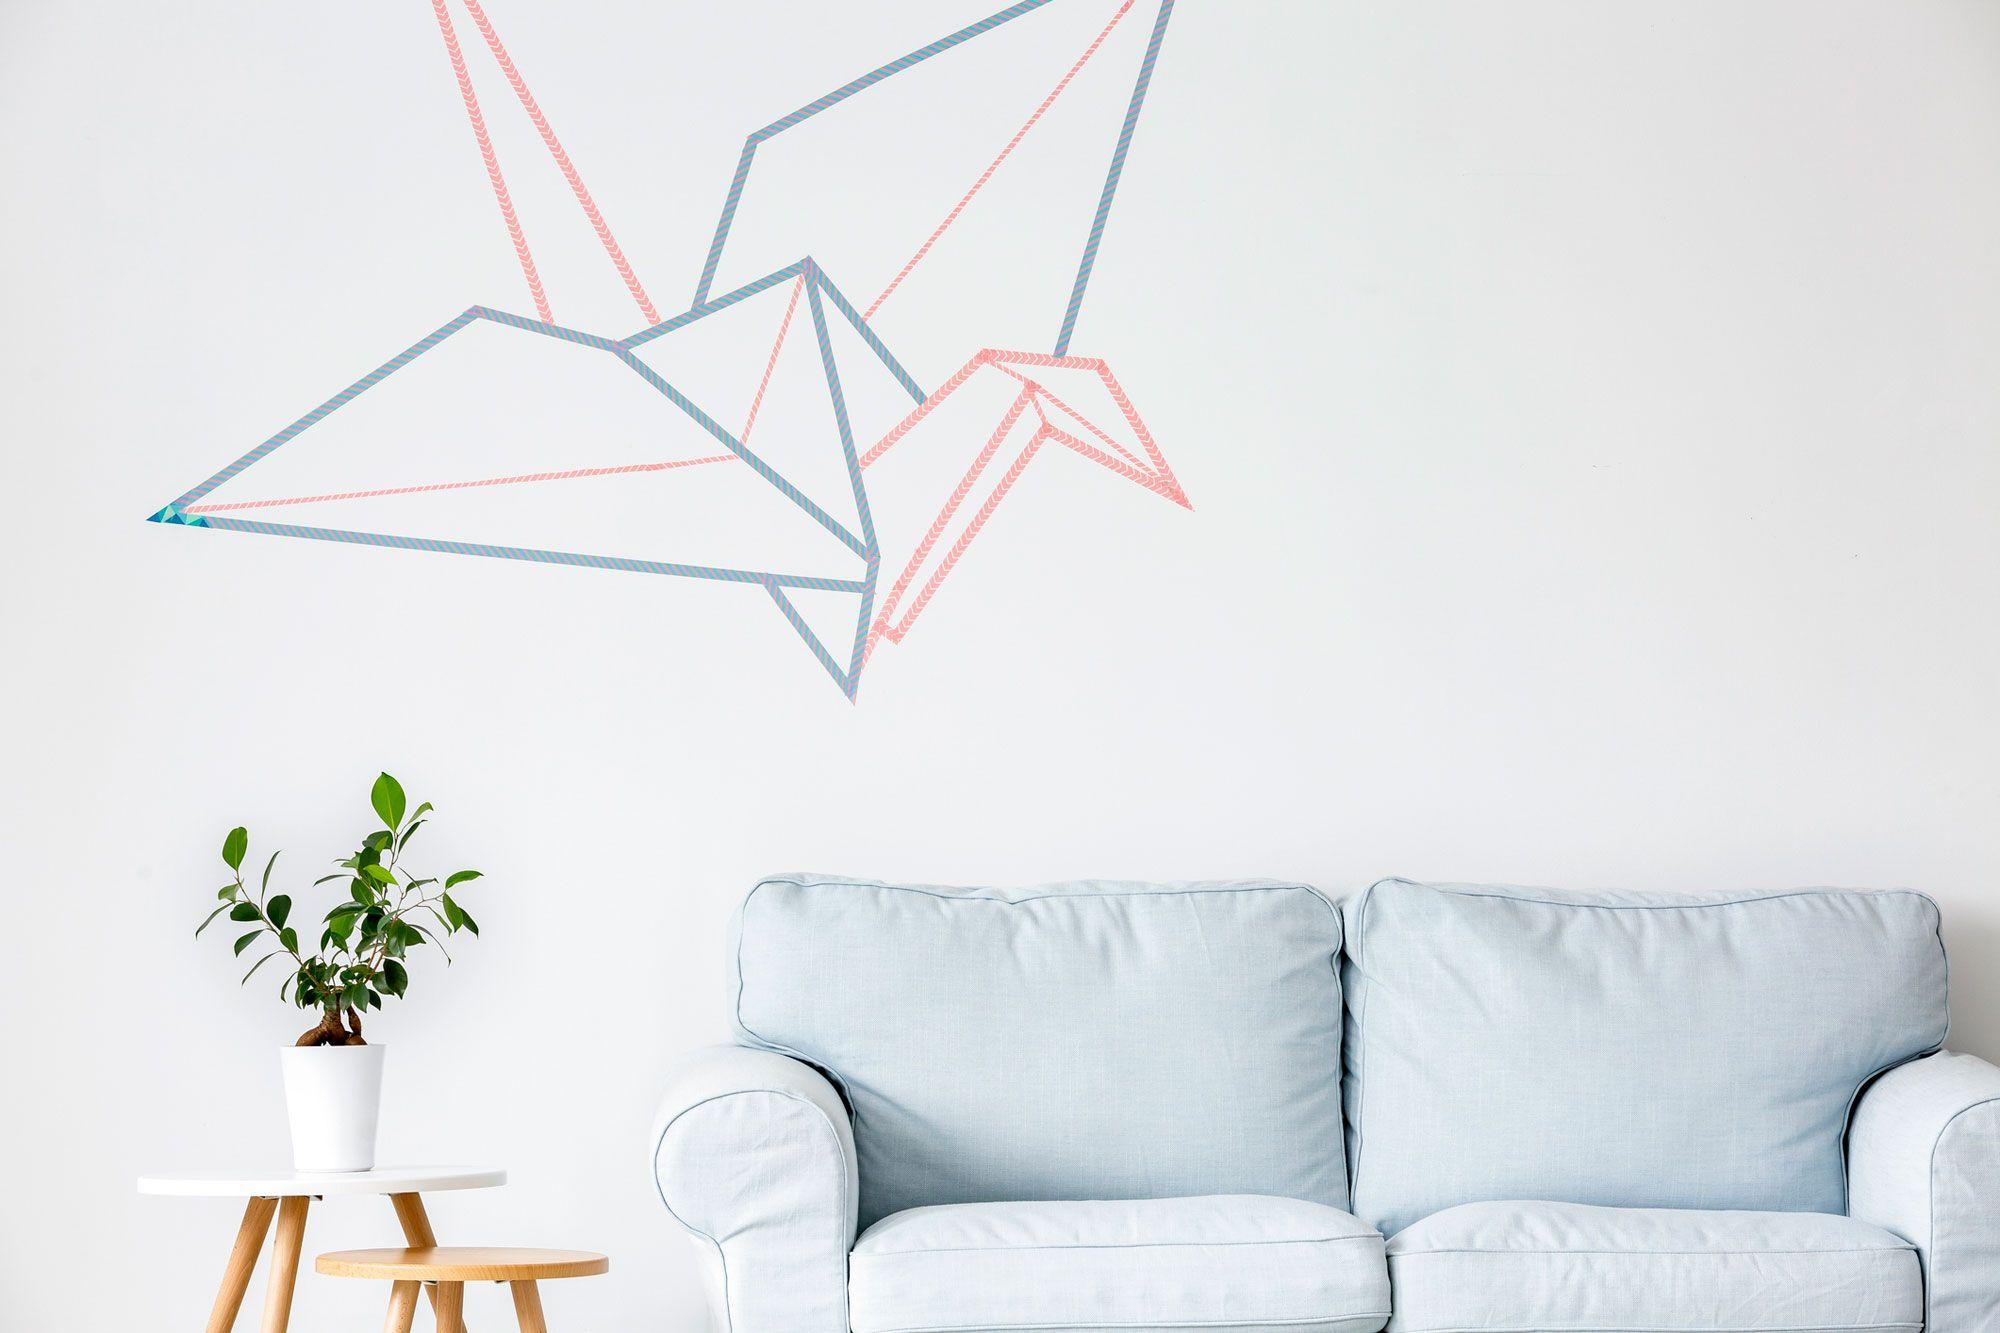 Les erreurs les plus courantes lors de la décoration de la maison